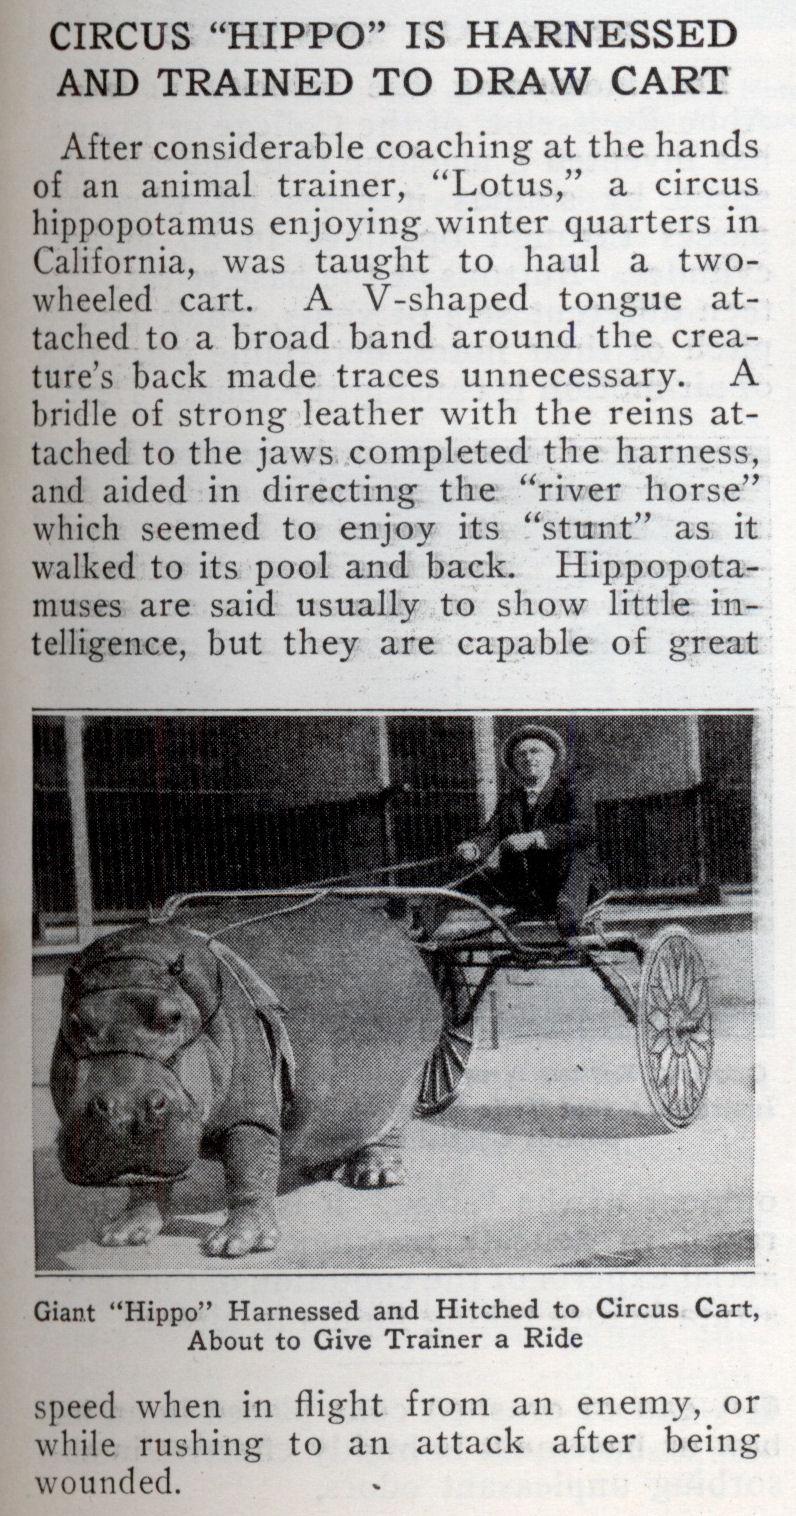 http://blog.modernmechanix.com/mags/PopularMechanics/3-1924/hippo_cart.jpg